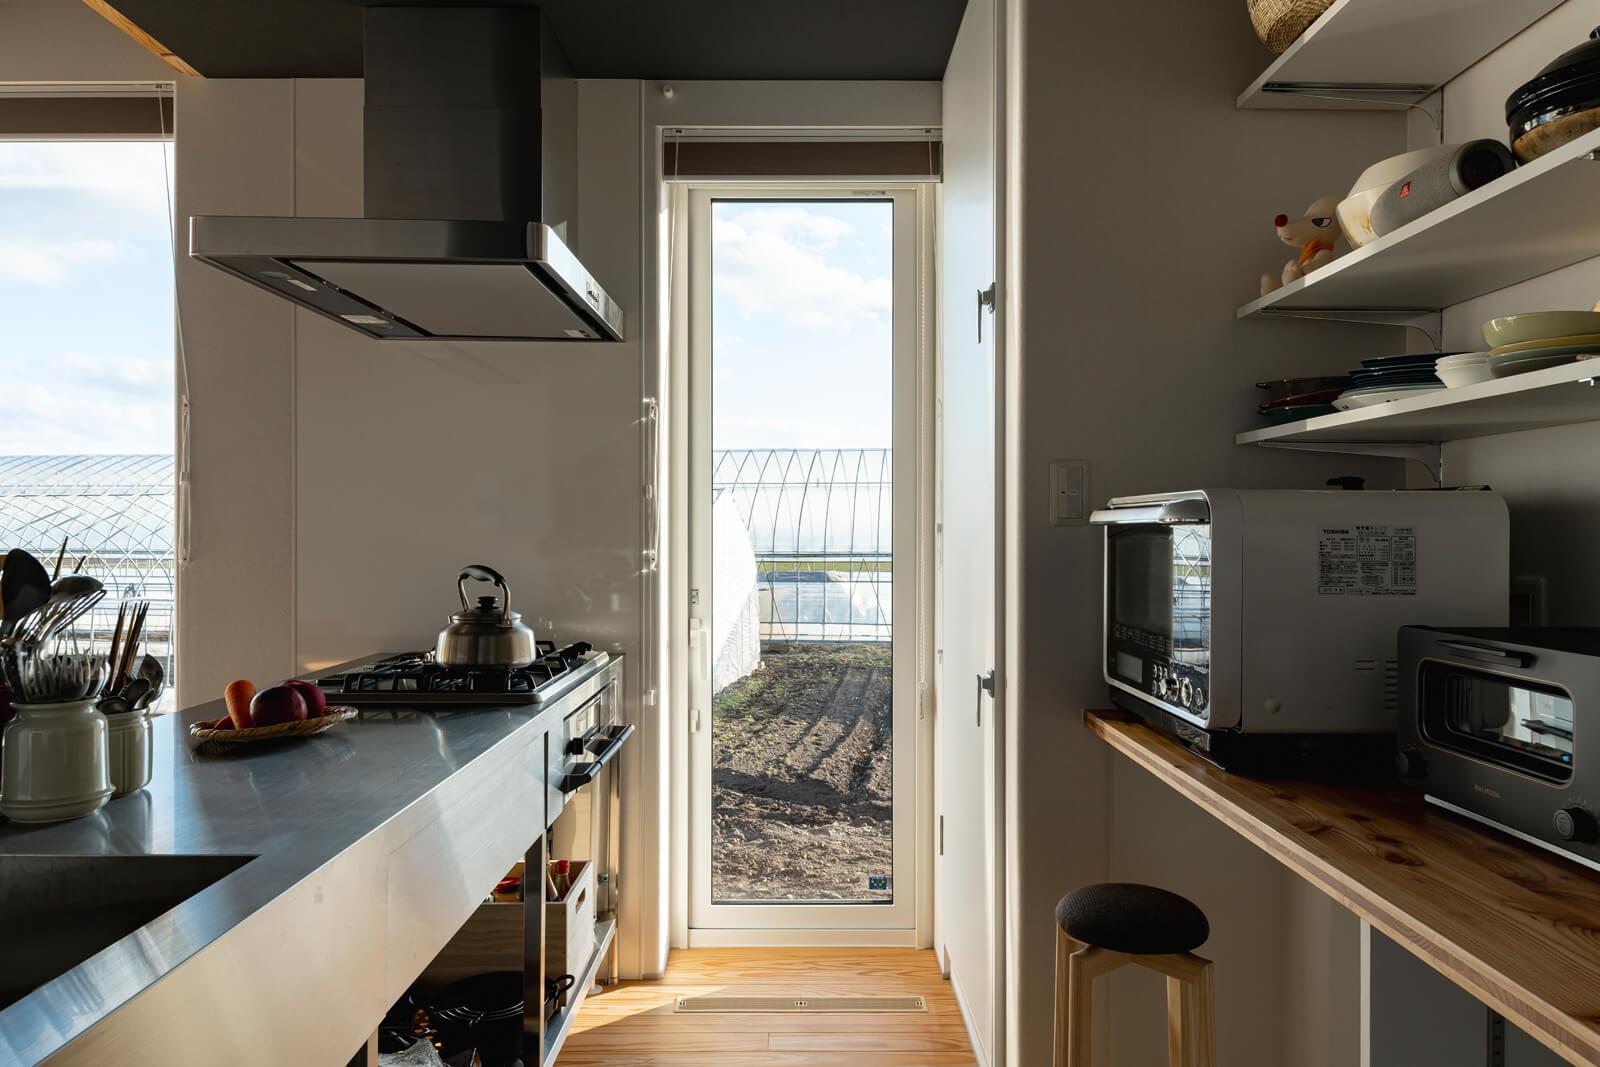 陽射しがたっぷり入るキッチンは、明るく心地よい。側面には、勝手口を兼ねる掃き出し窓を採用